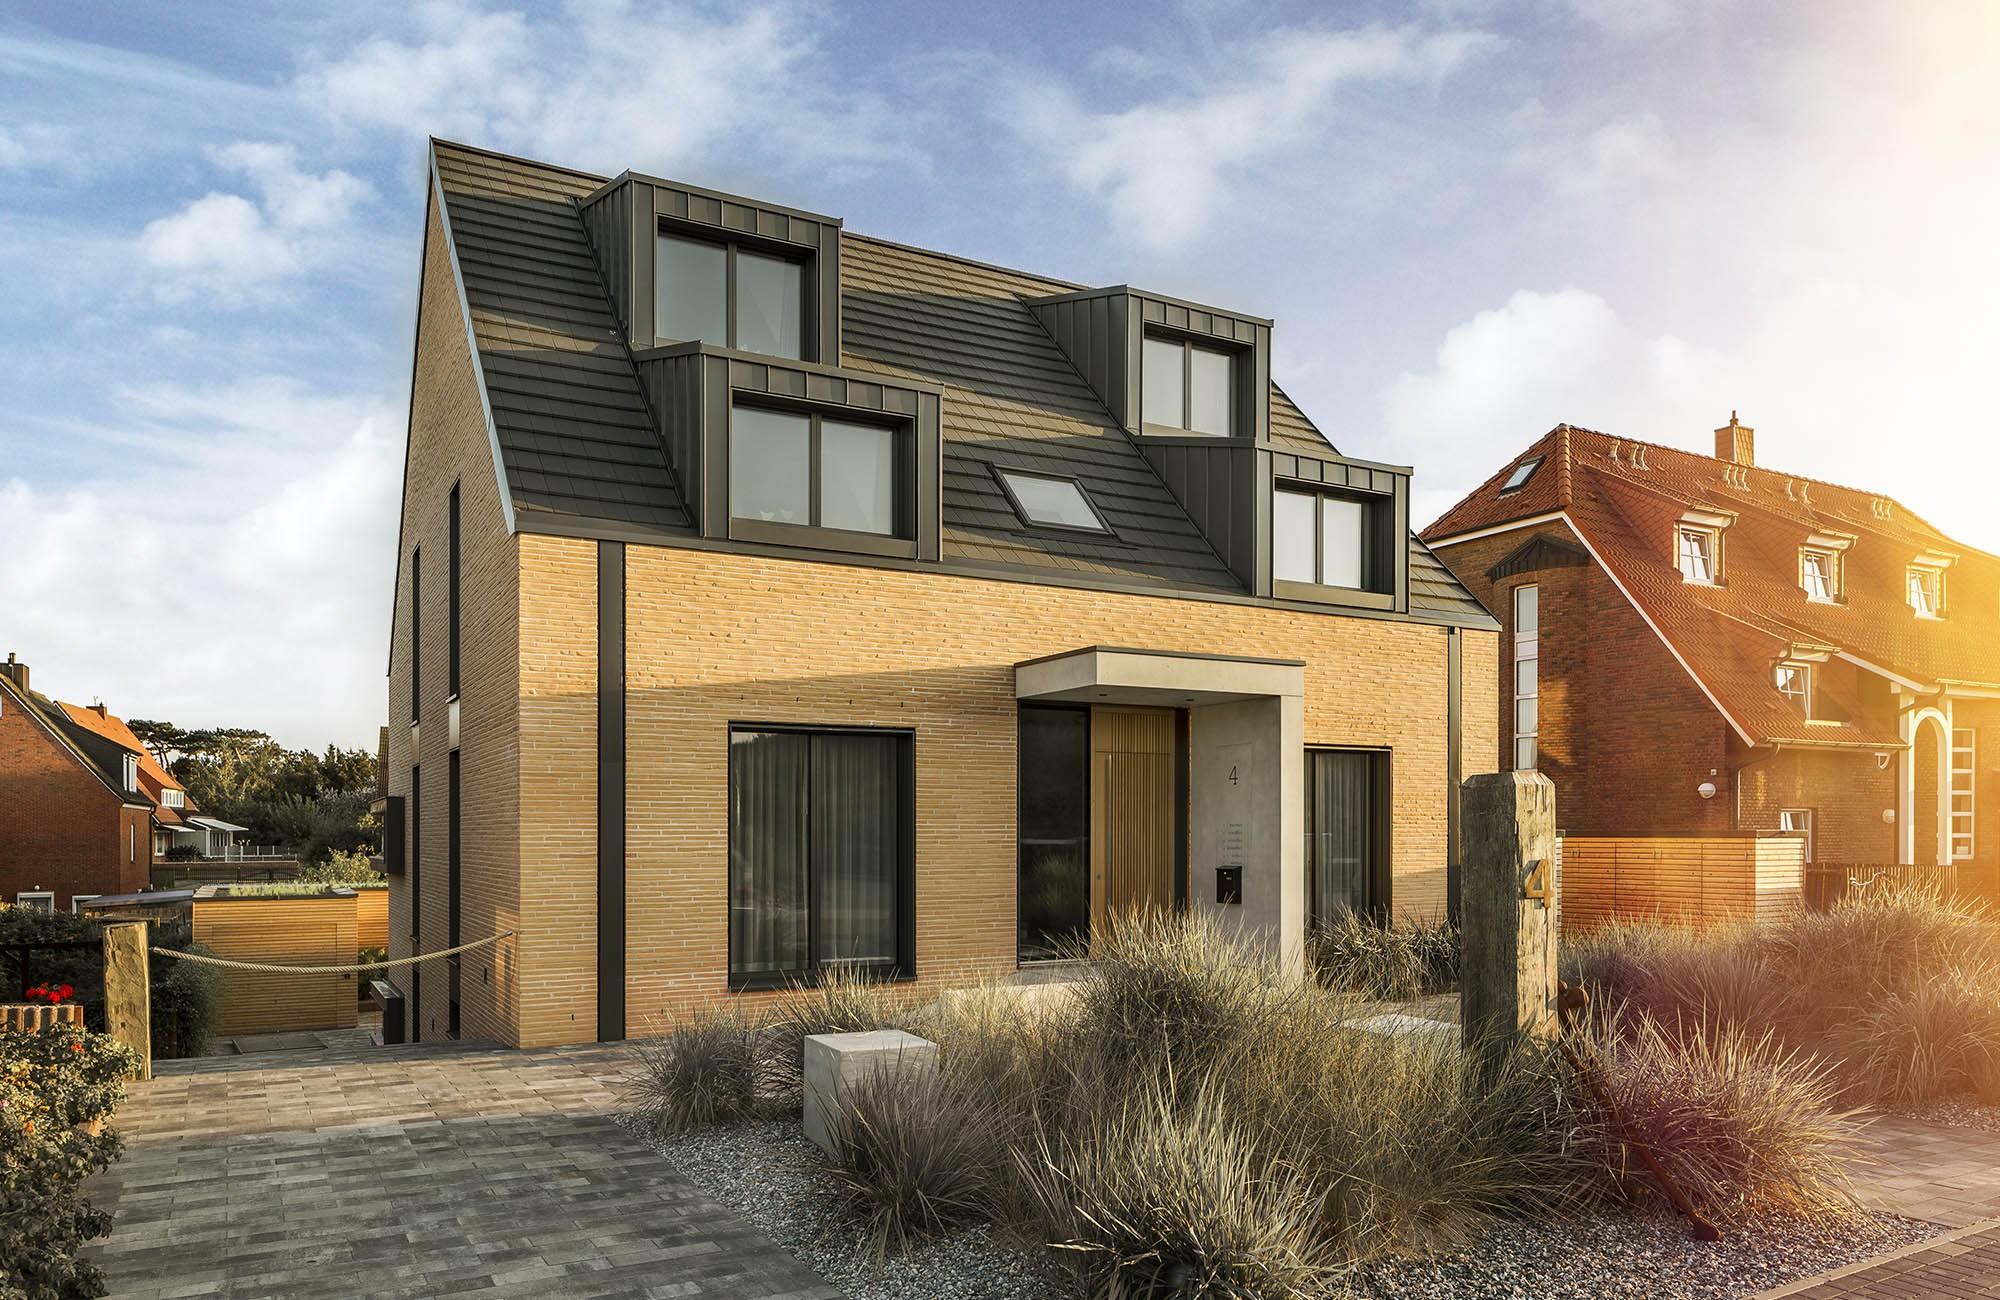 Neubau eines Hauses in erster Küstenlinie auf Norderney - Raumfabrik